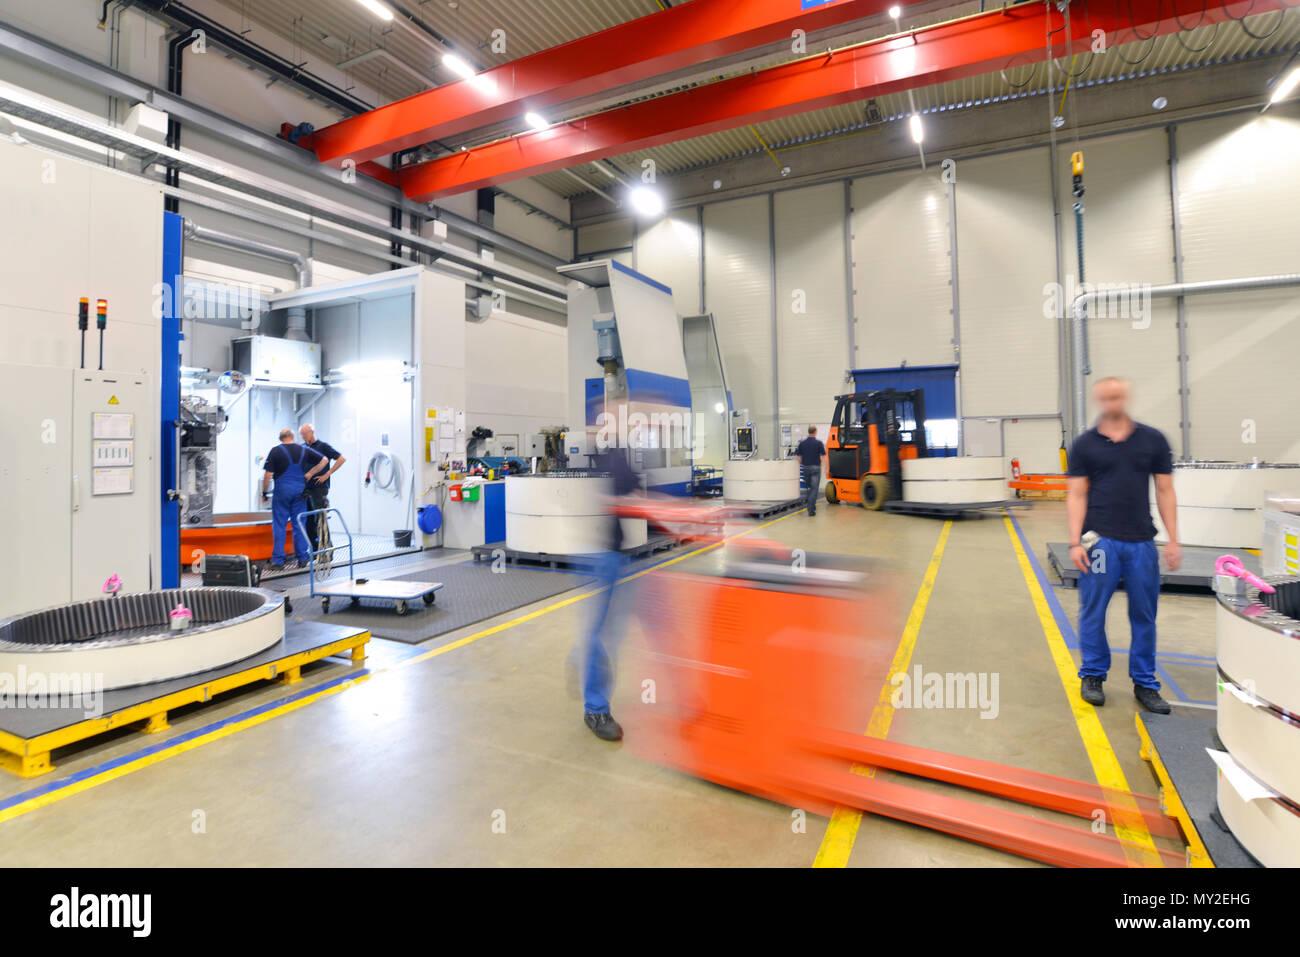 Werk des modernen Maschinenbaus - Produktion von Getrieben für Windkraftanlagen - Stapler Transport Stockfoto